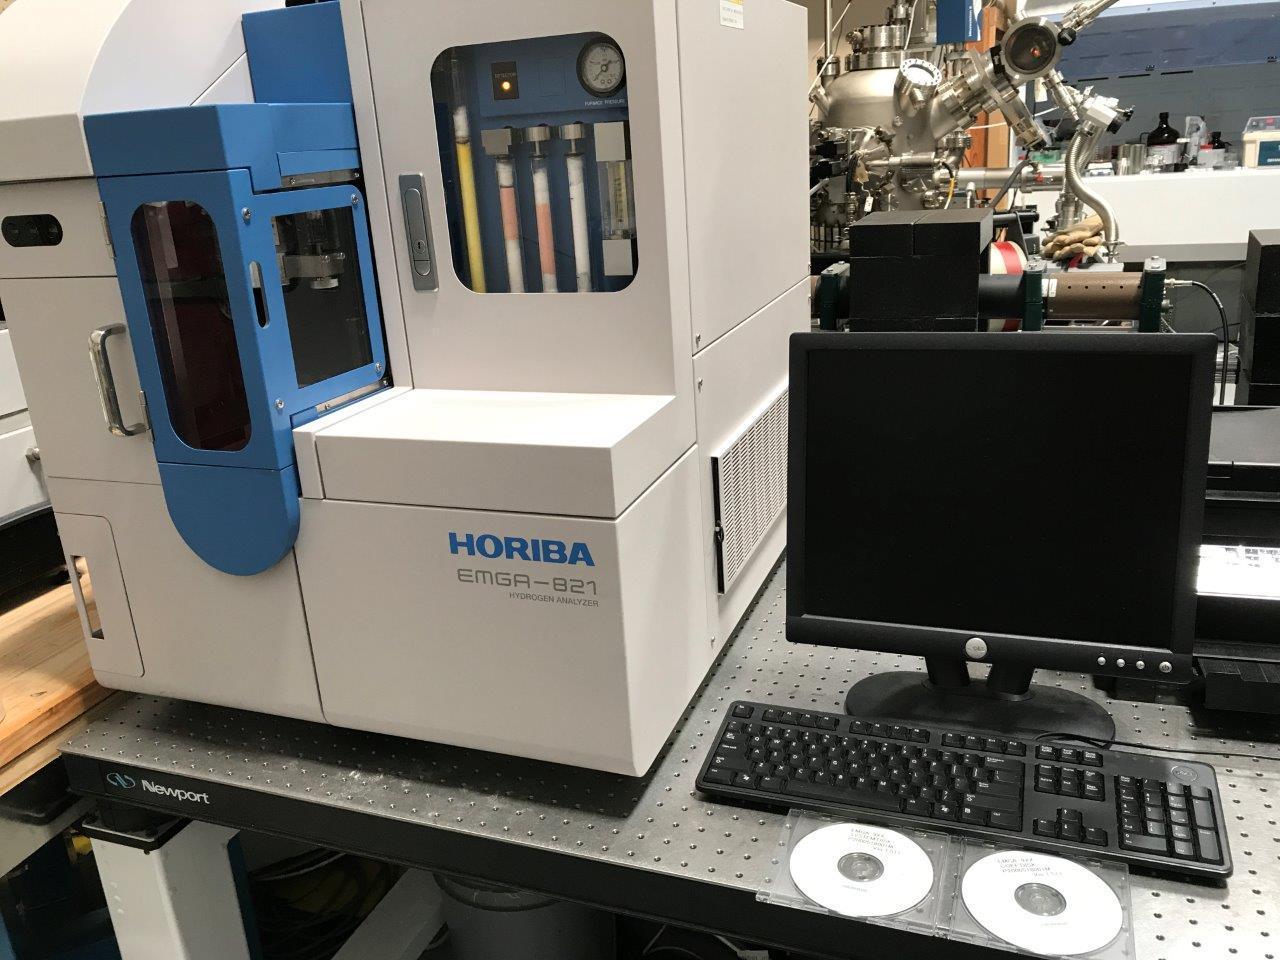 Horiba EMGA-821 Hydrogen Analyzer